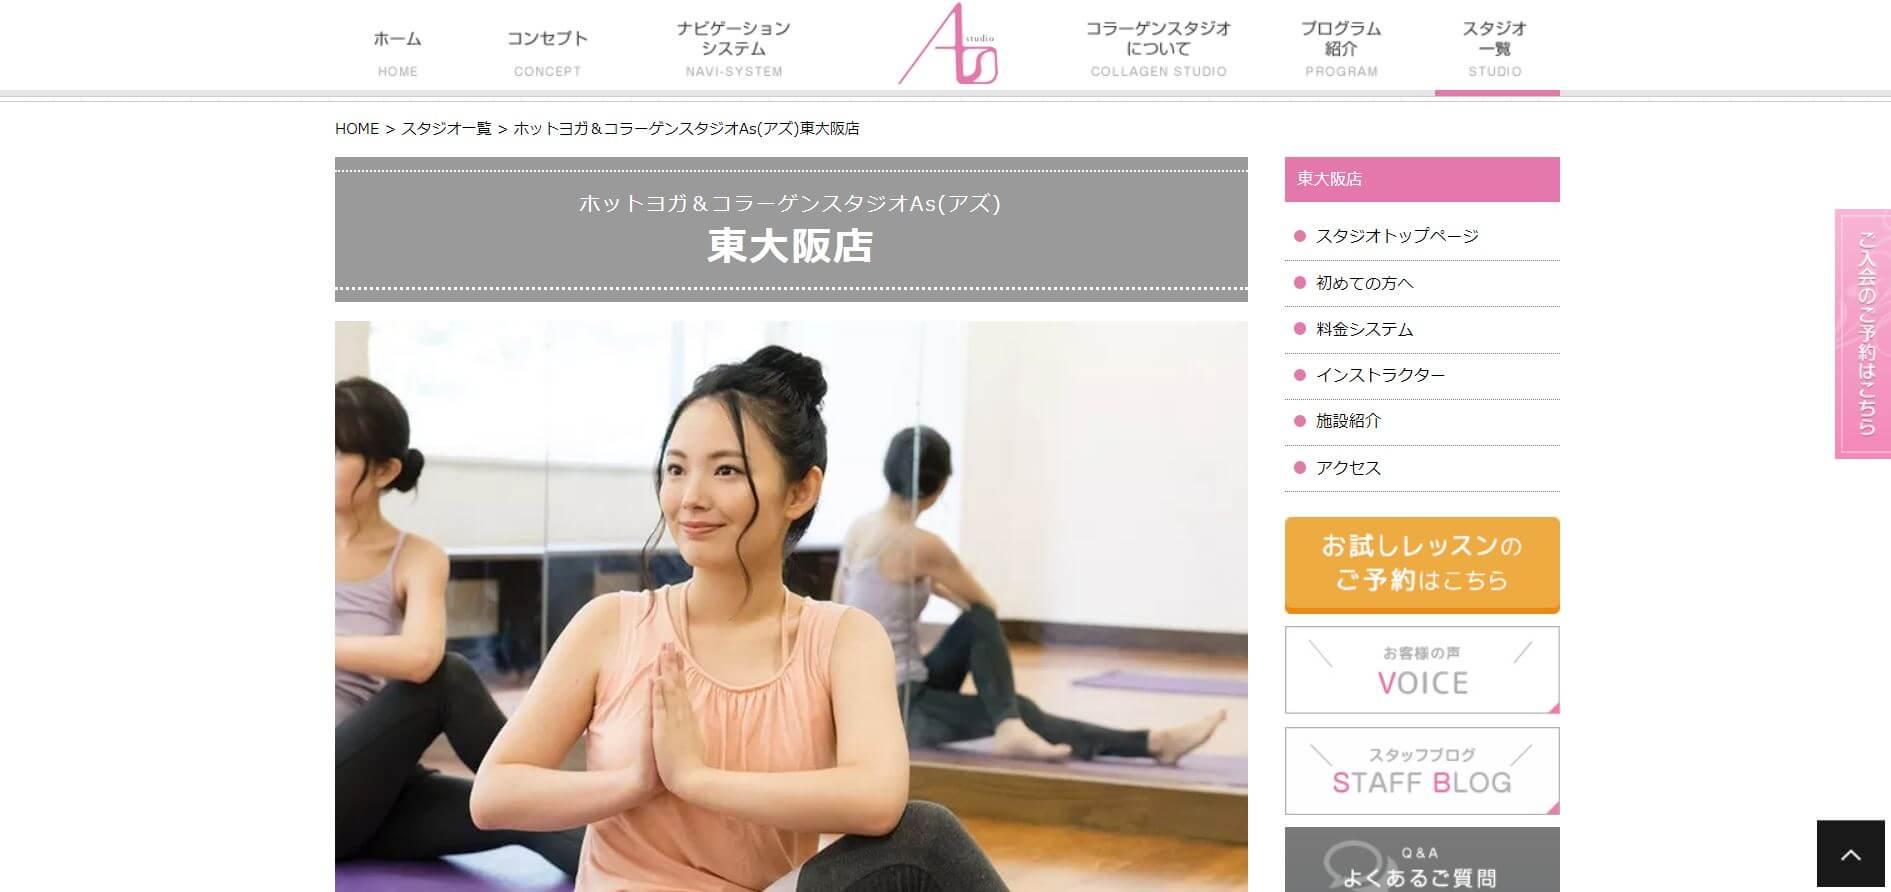 ホットヨガ&コラーゲンスタジオAsアズ東大阪店